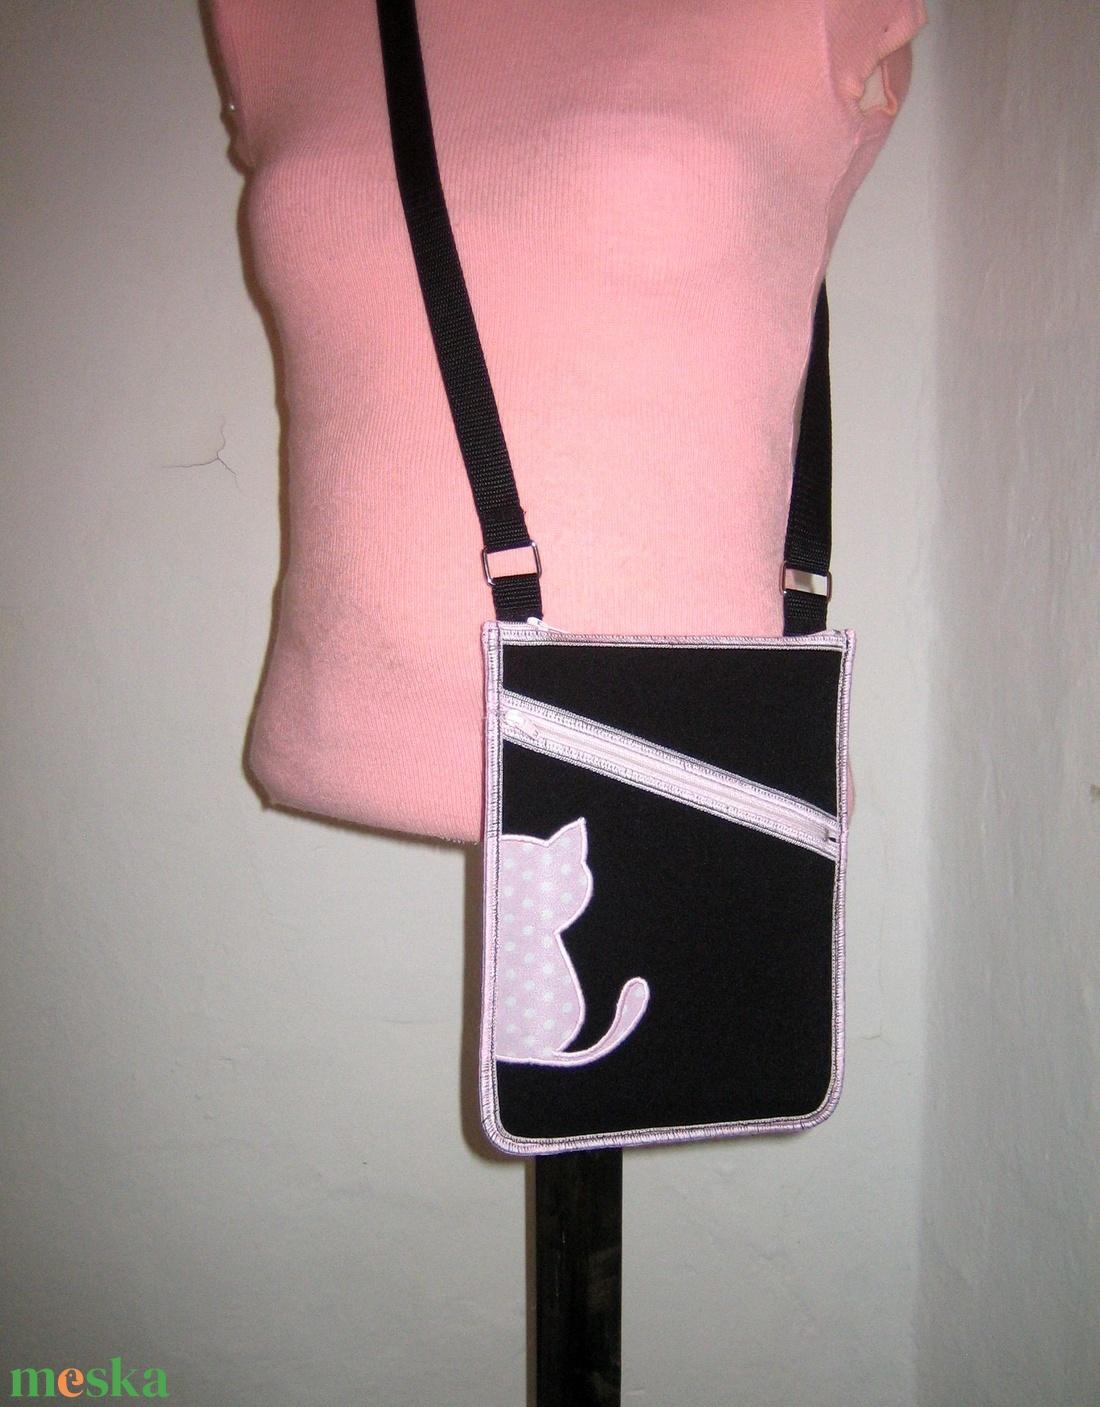 Cicás Oldaltáska kétrekeszes kistáska válltáska fekete rózsaszín iPadmini tok - táska & tok - kézitáska & válltáska - vállon átvethető táska - Meska.hu